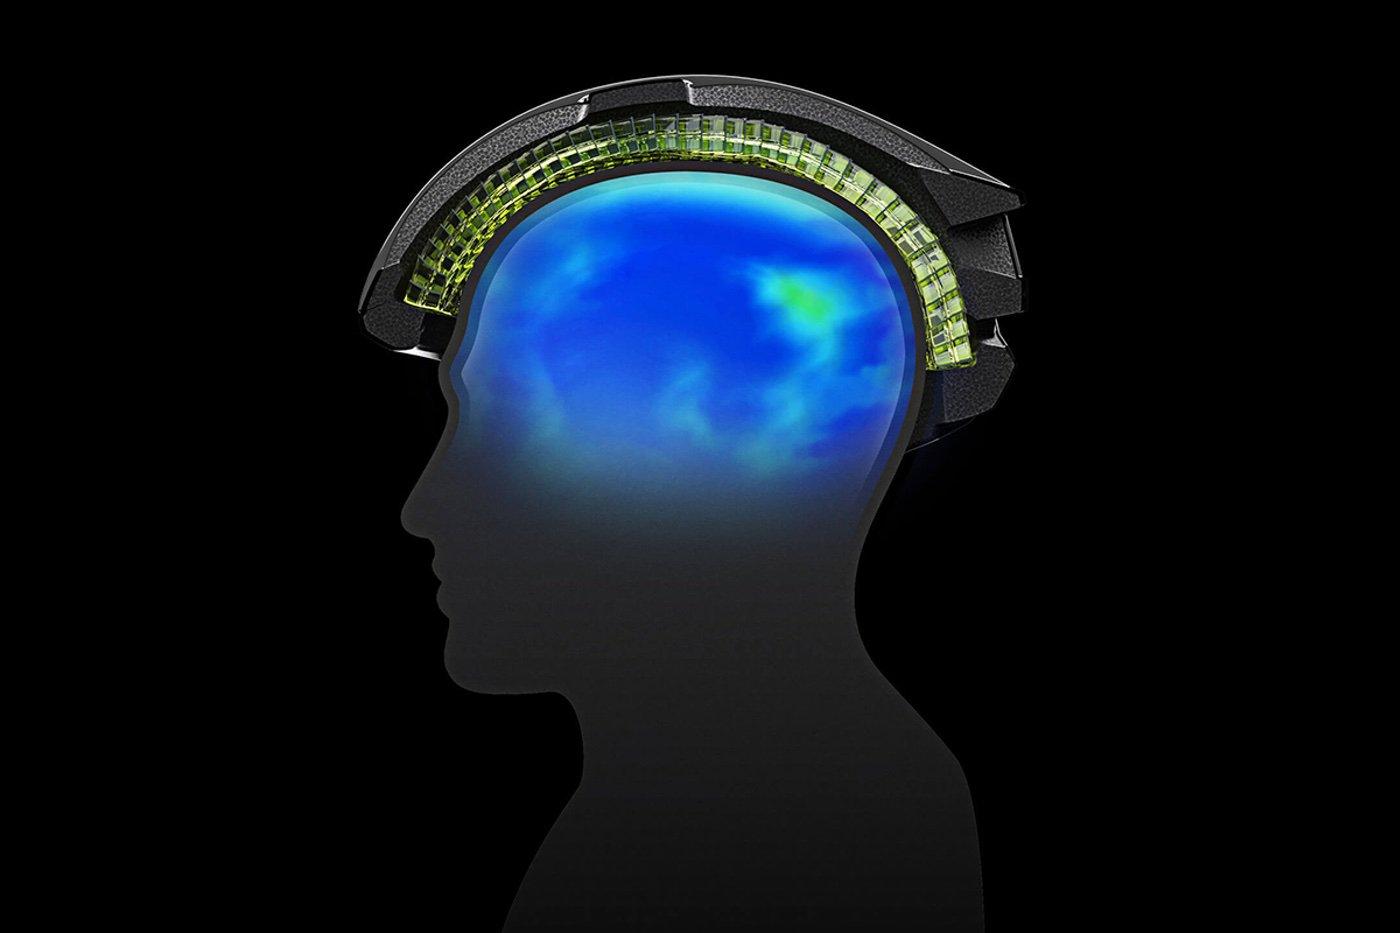 Nueva tecnología WaveCel en los cascos Bontrager